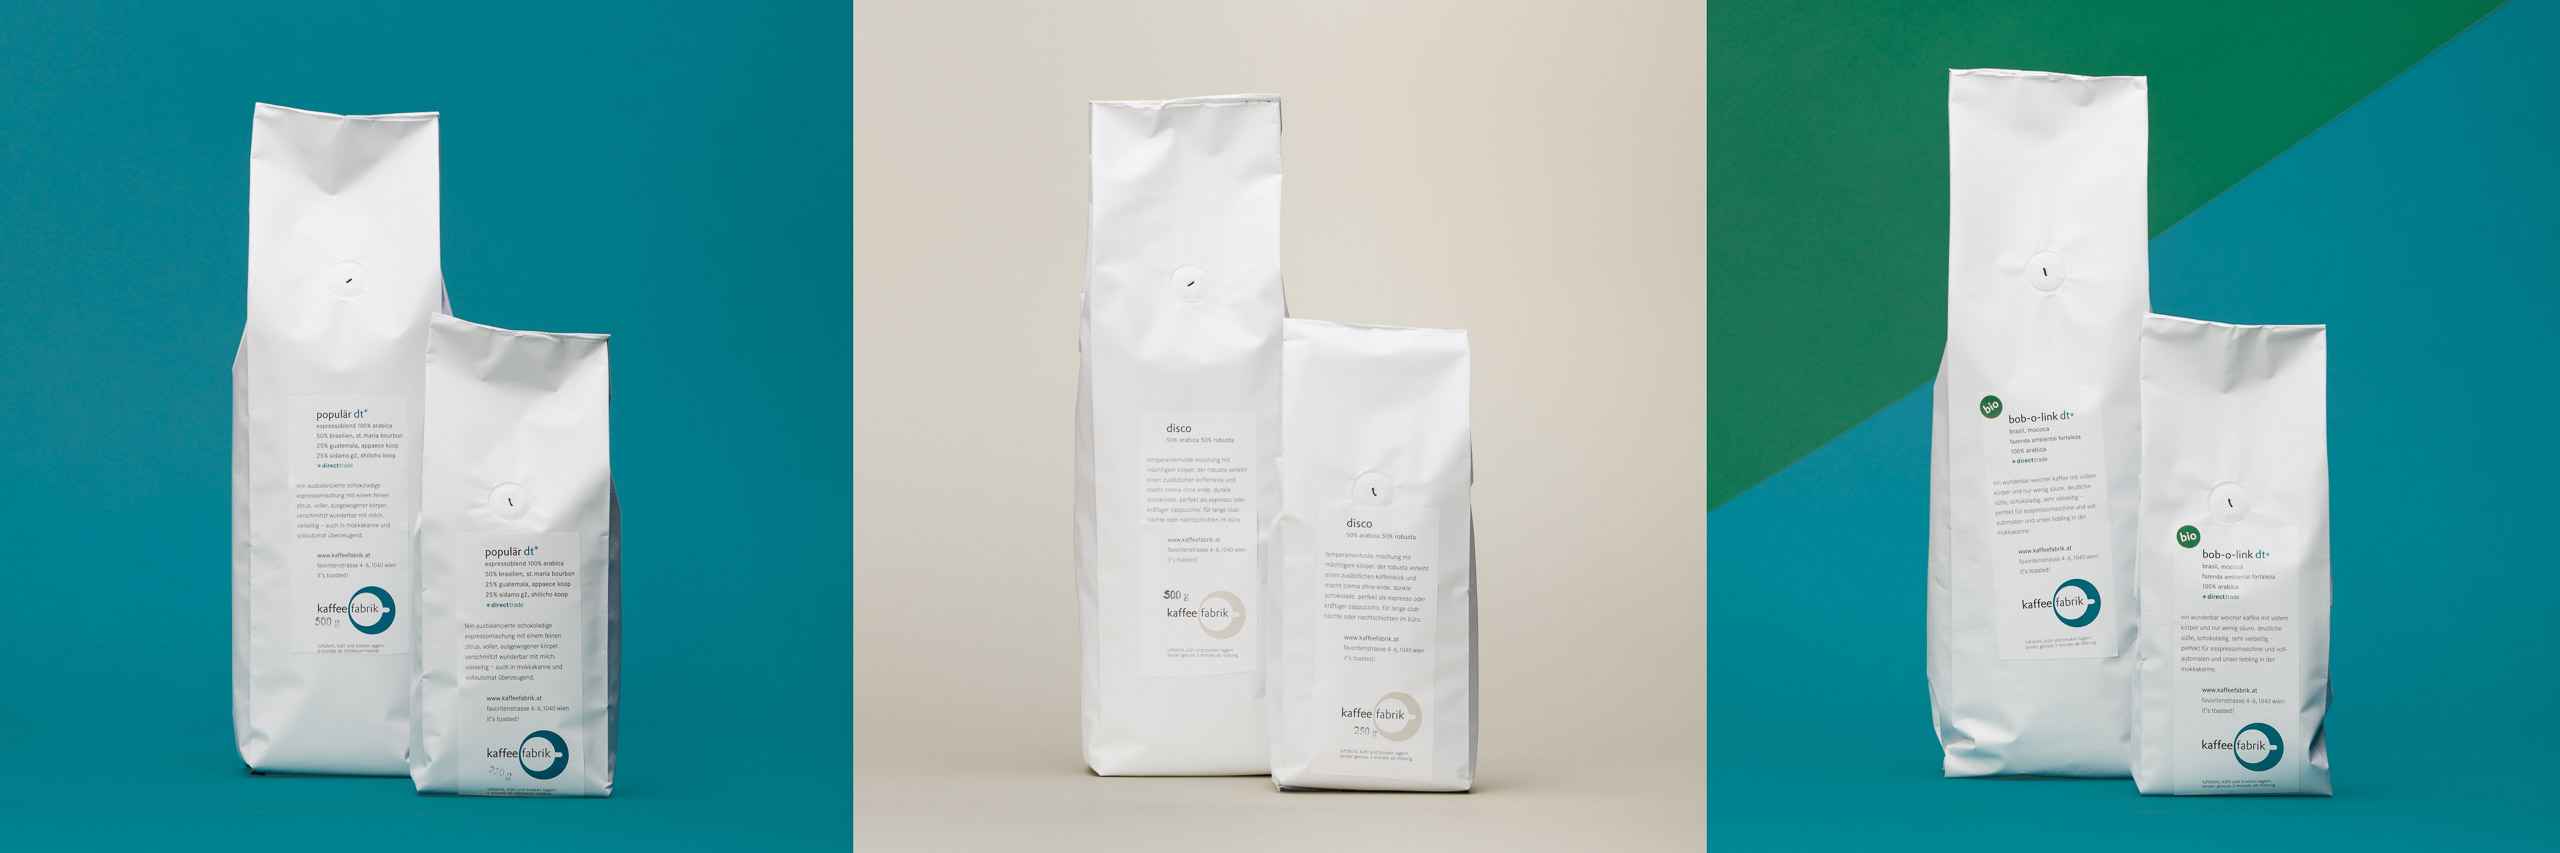 Fotos von Kaffeepackungen für Webshop oder Katalog vor farbigem Hintergrund